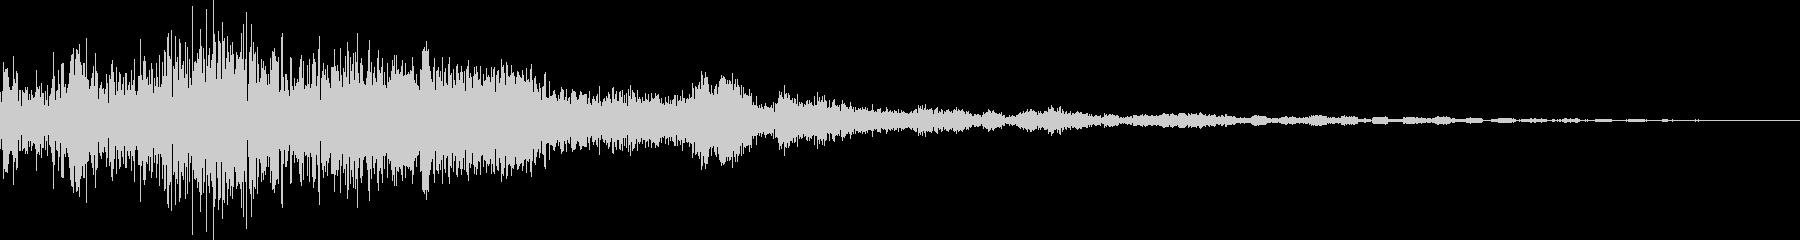 決定/ボタン押下音(ドキュイーン)の未再生の波形